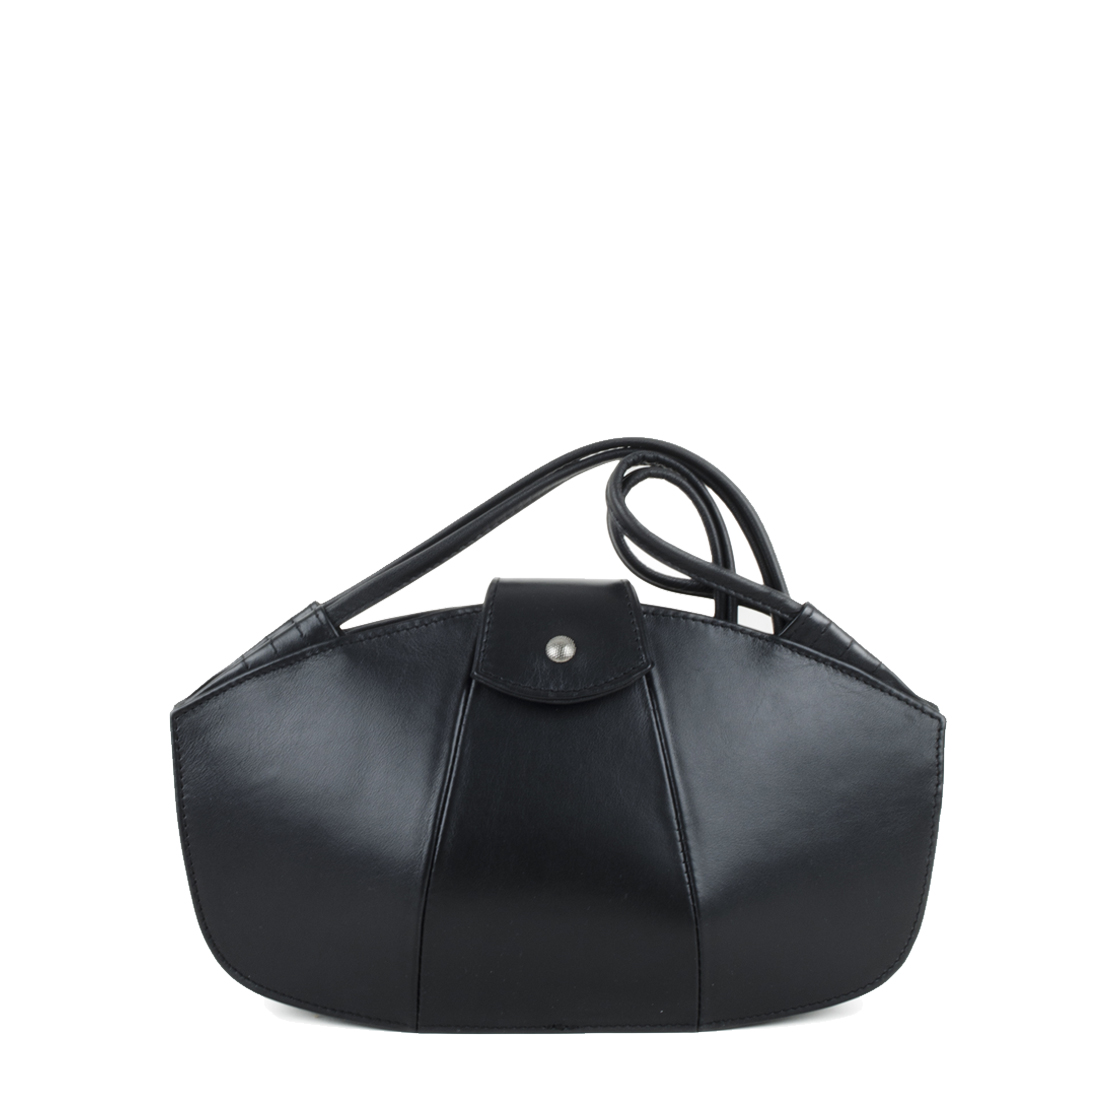 Kate Black Leather Shoudler Bag